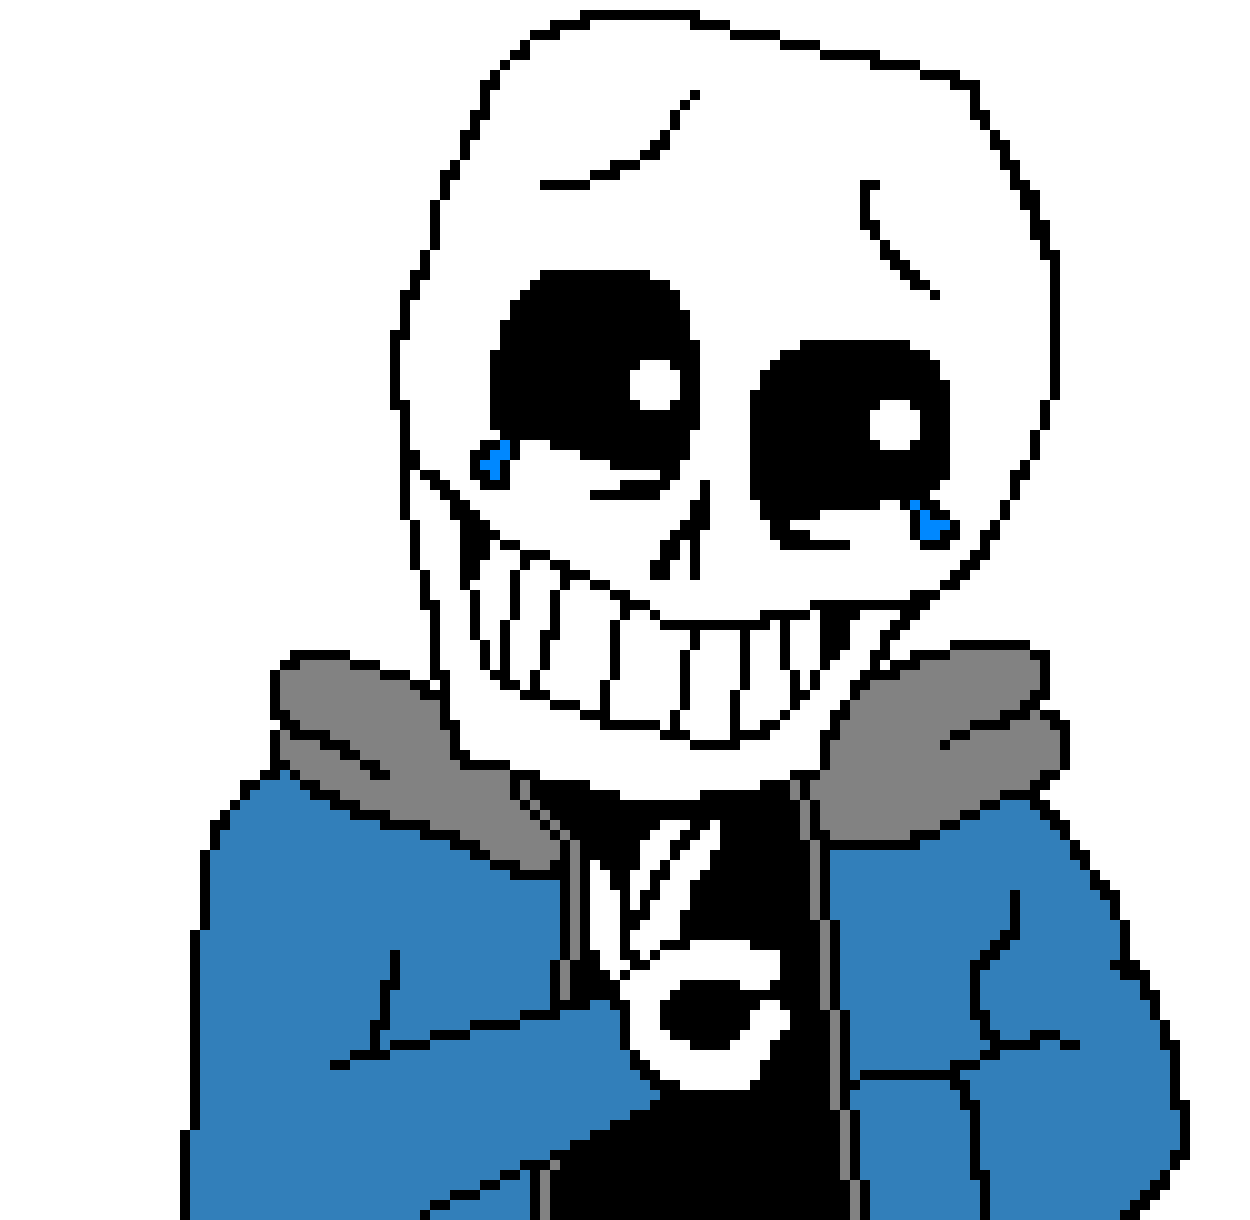 Ayyy Lmao 1010 Good Shit Best Meme Lmaoooo Pixel Art Maker